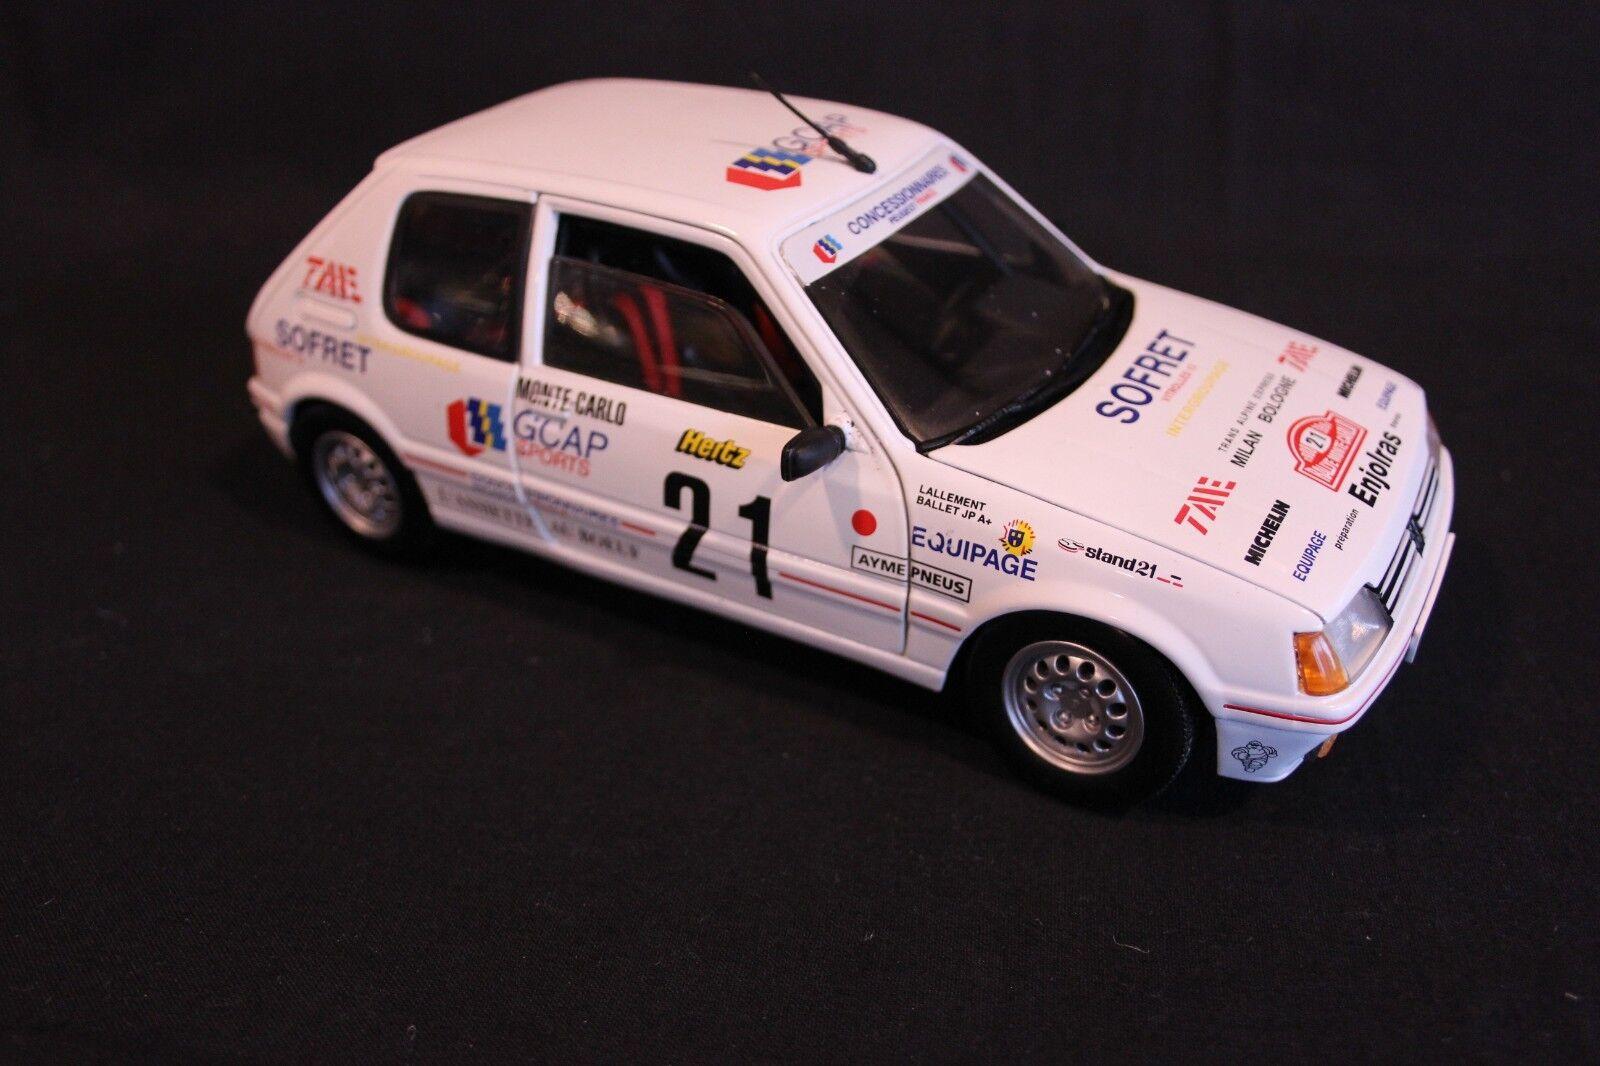 en stock Solido Peugeot 205GTi 1988 1 18 18 18  21 Ballet   Lallement Rallye Monte-Cochelo (AK)  Envío 100% gratuito